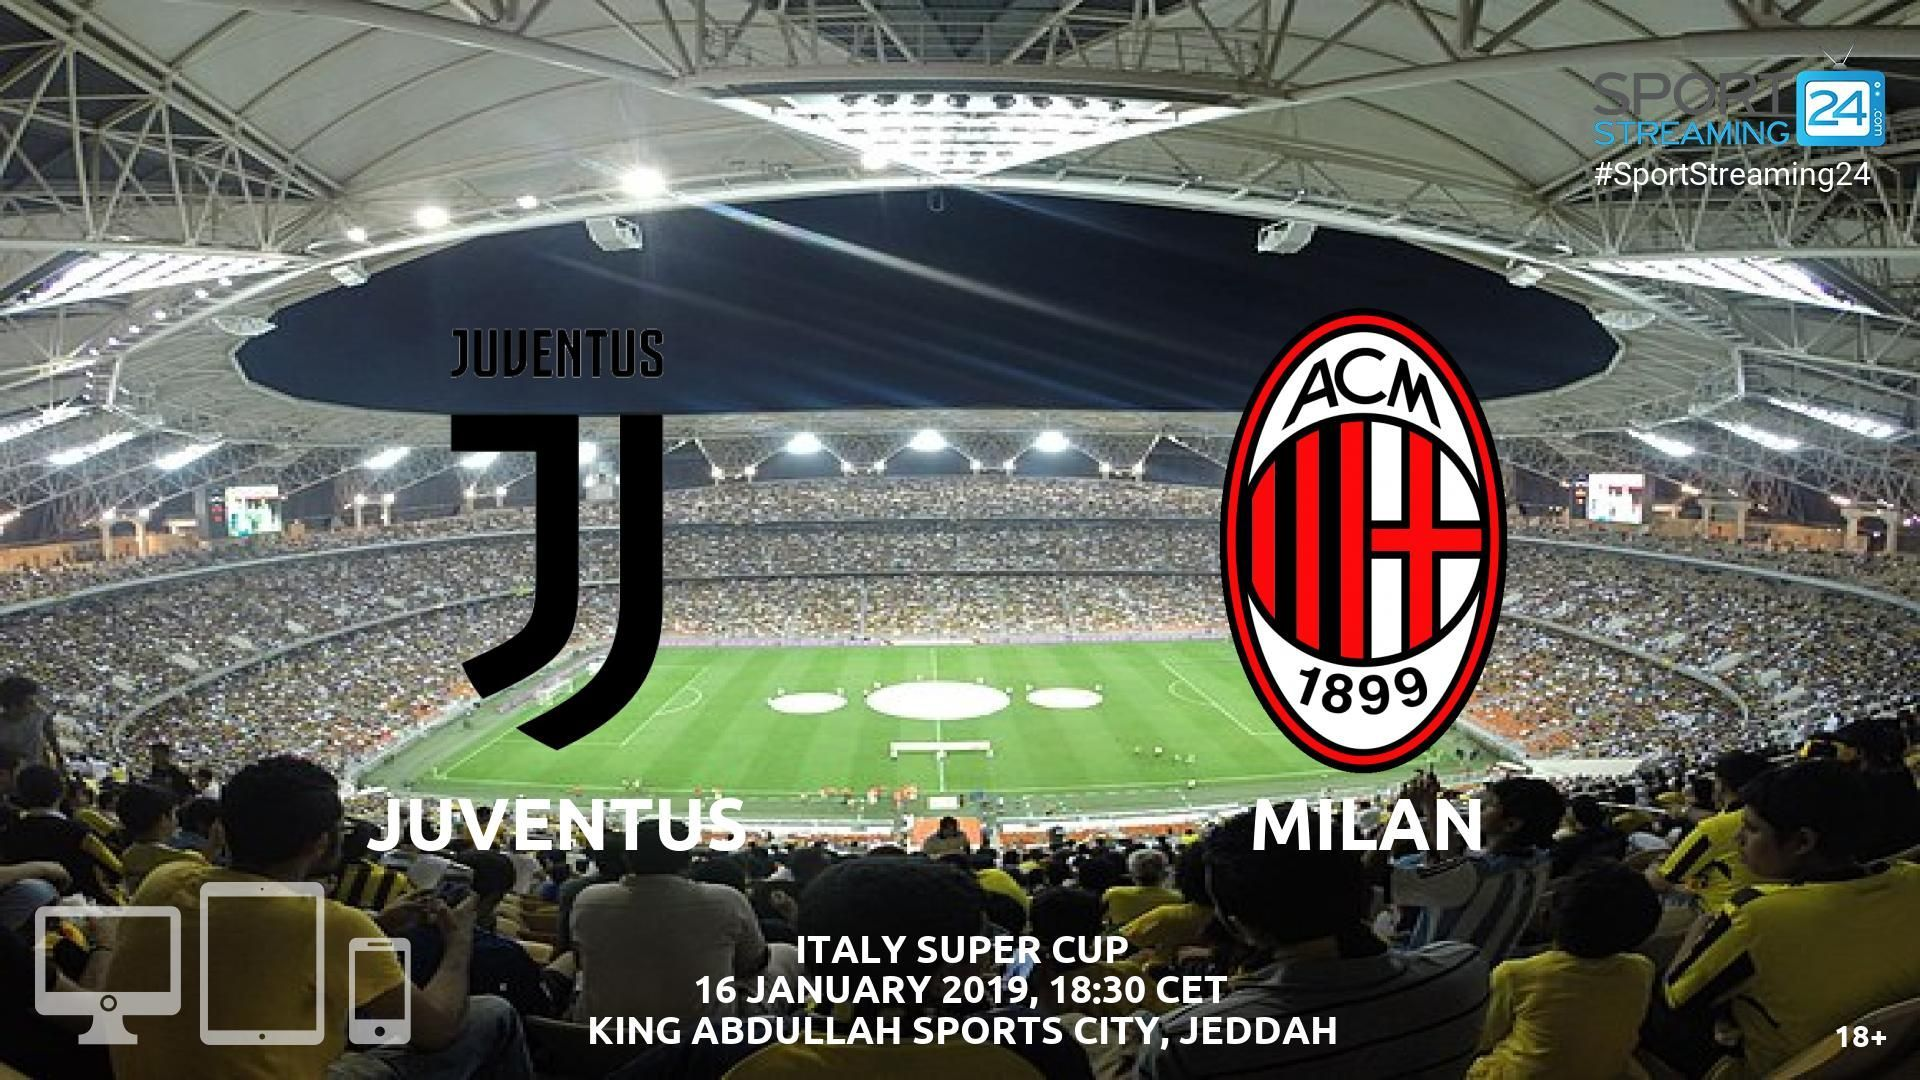 Juventus v AC Milan Live Streaming Football Ac milan